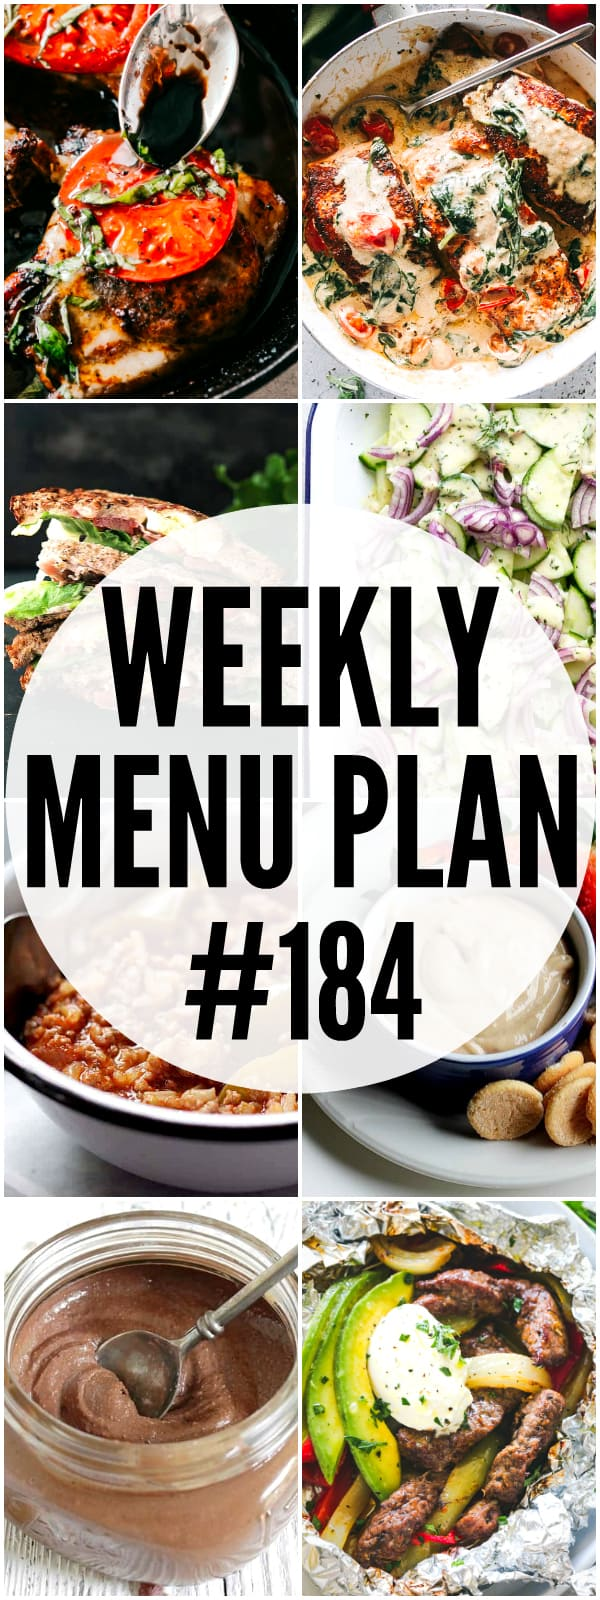 WEEKLY MENU PLAN 184